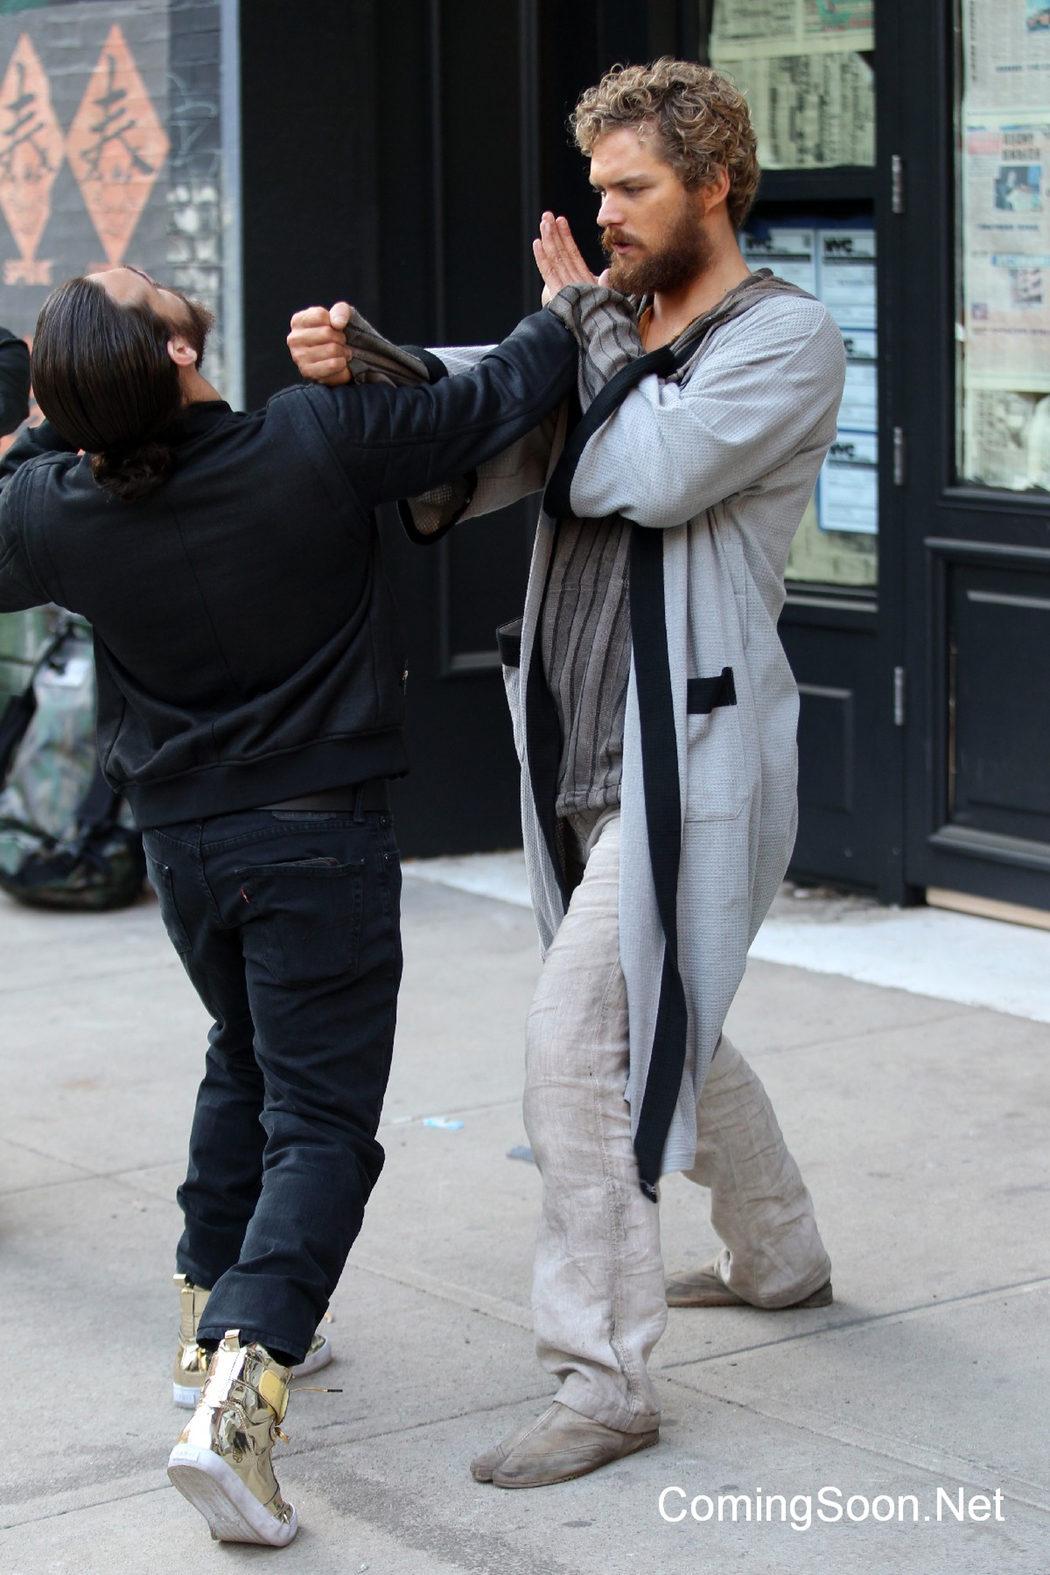 Finn Jones dando un puñetazo a un malvado en el rodaje de 'Iron Fist'